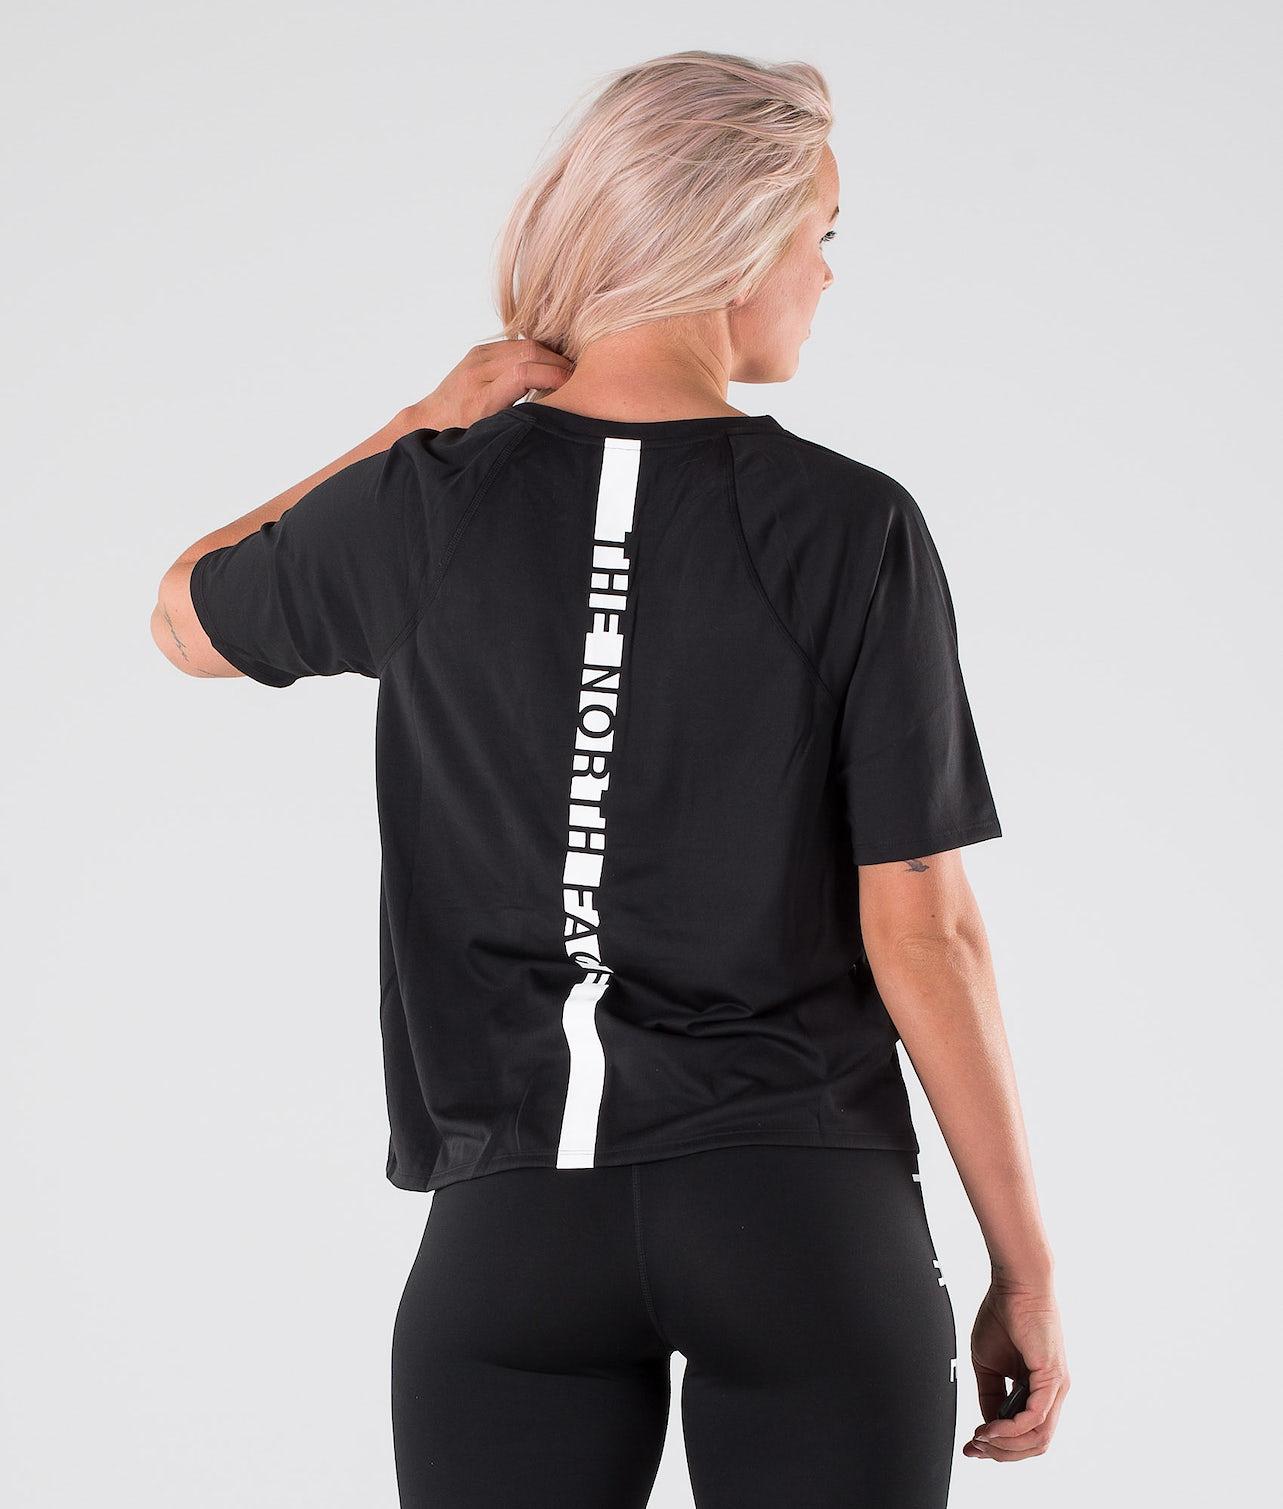 Kjøp TNL S/S T-shirt fra The North Face på Ridestore.no - Hos oss har du alltid fri frakt, fri retur og 30 dagers åpent kjøp!